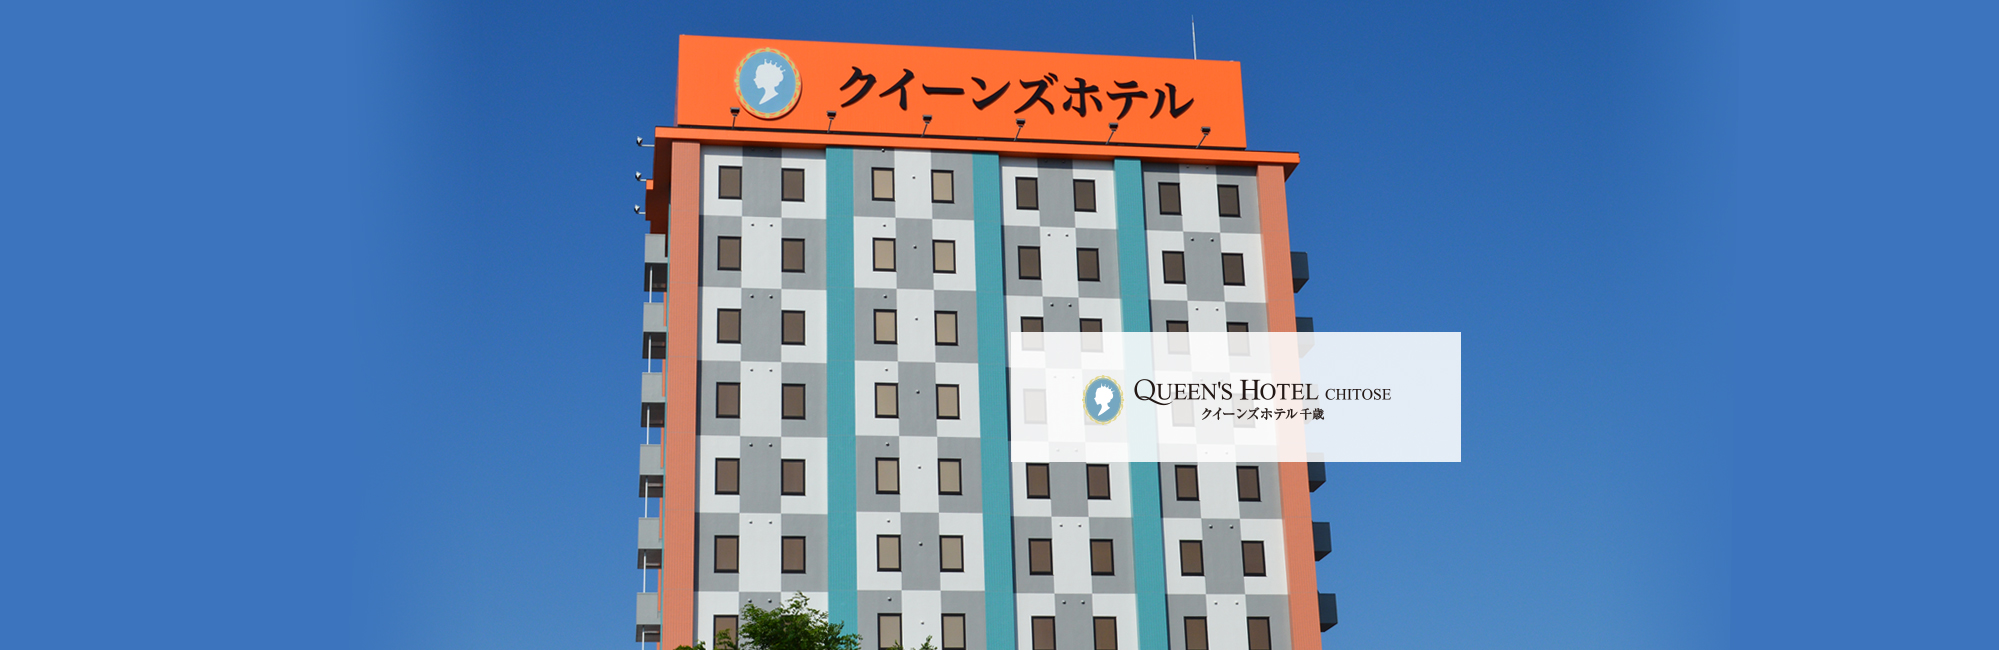 北海道千歳 - 新千歳空港周辺のクイーンズホテル千歳